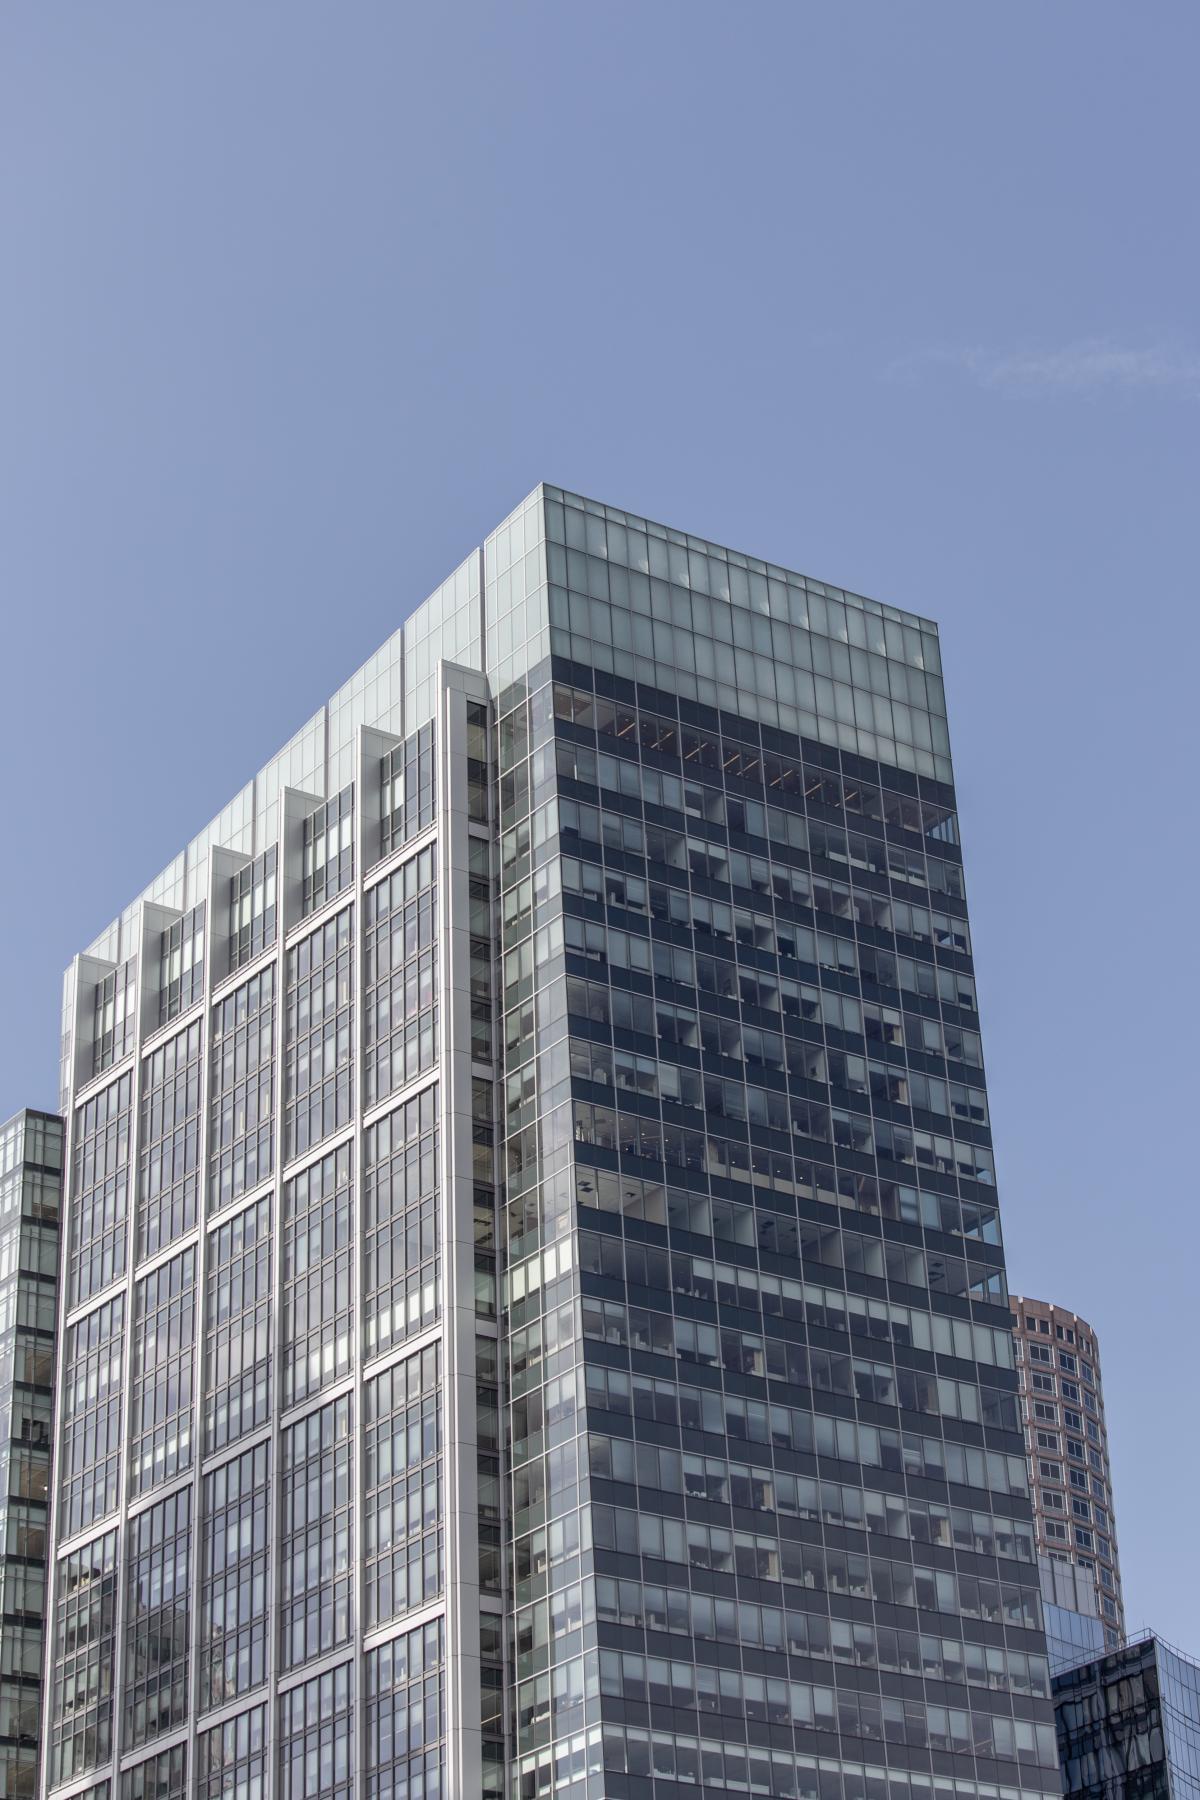 Skyscraper Office Architecture